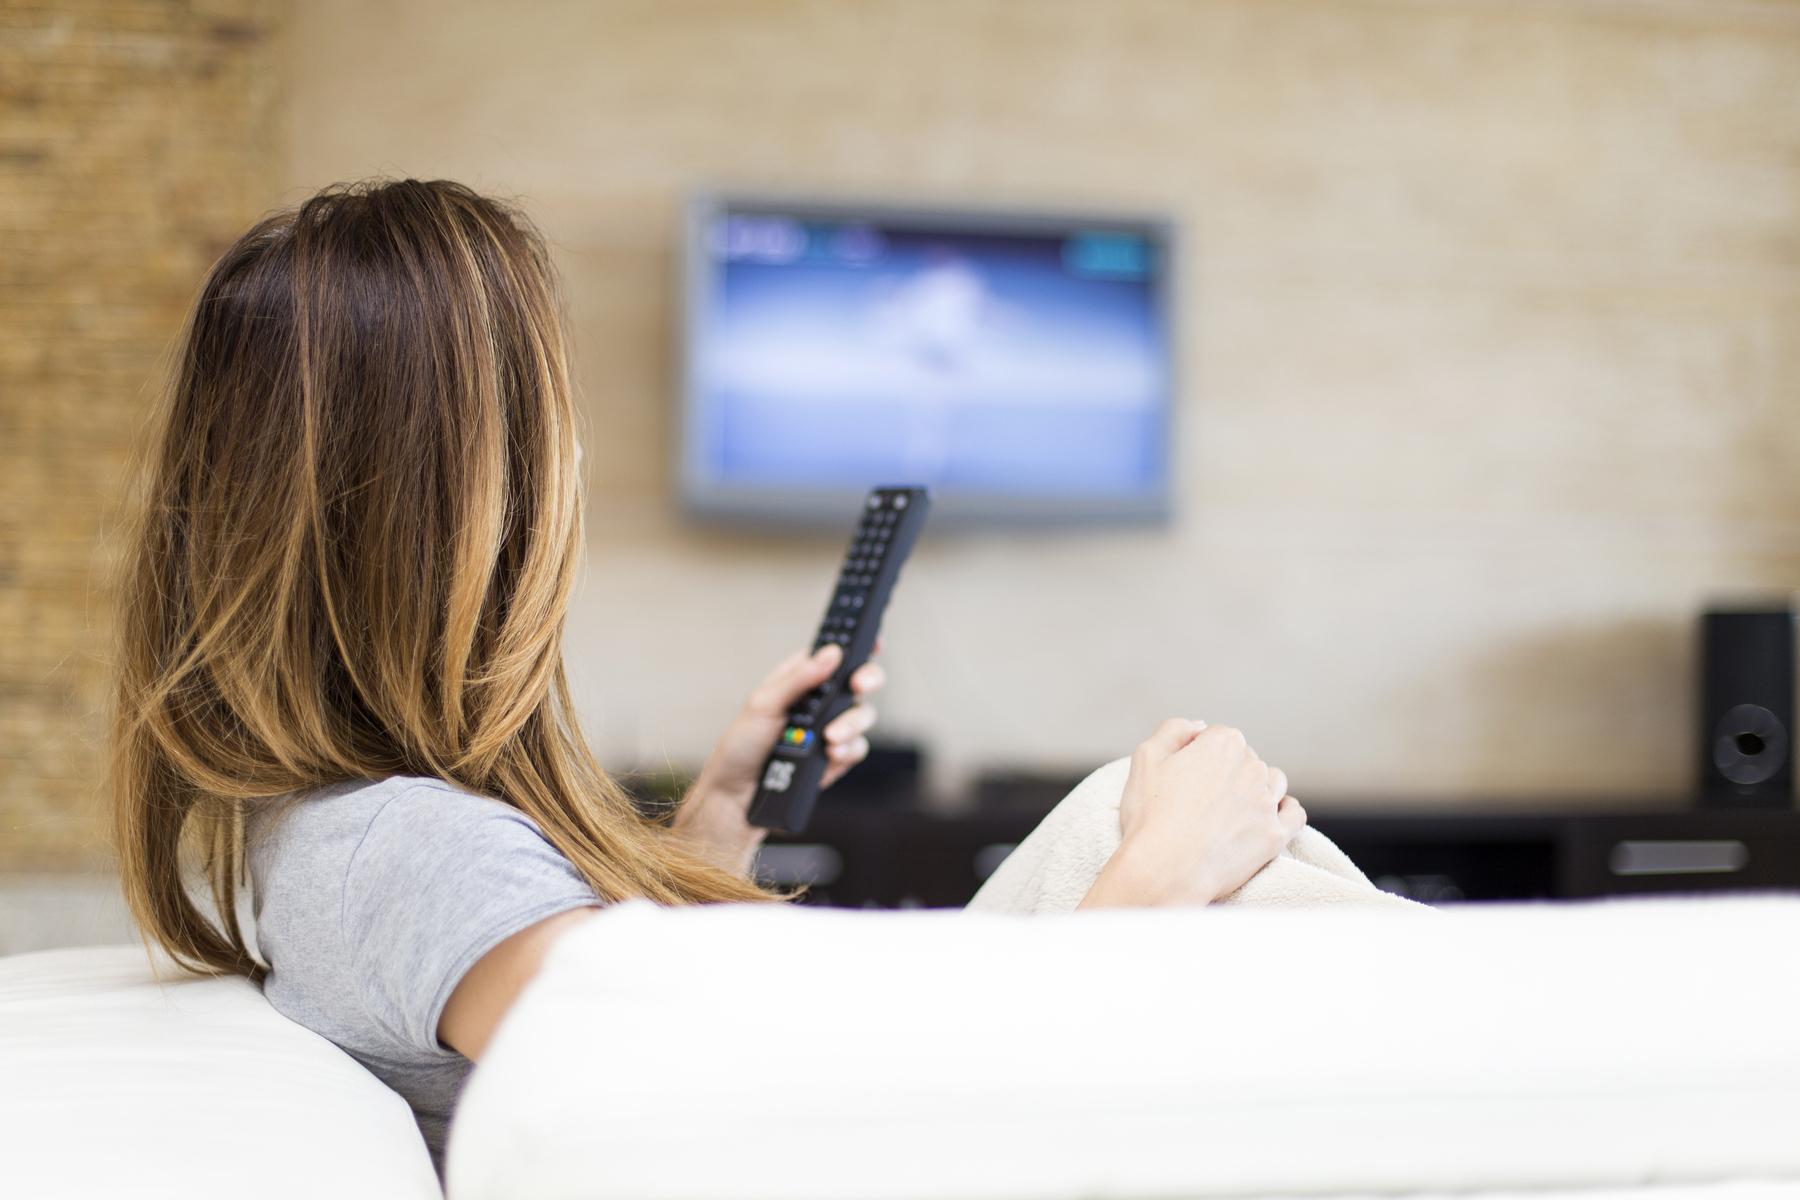 Woman watching Dutch TV